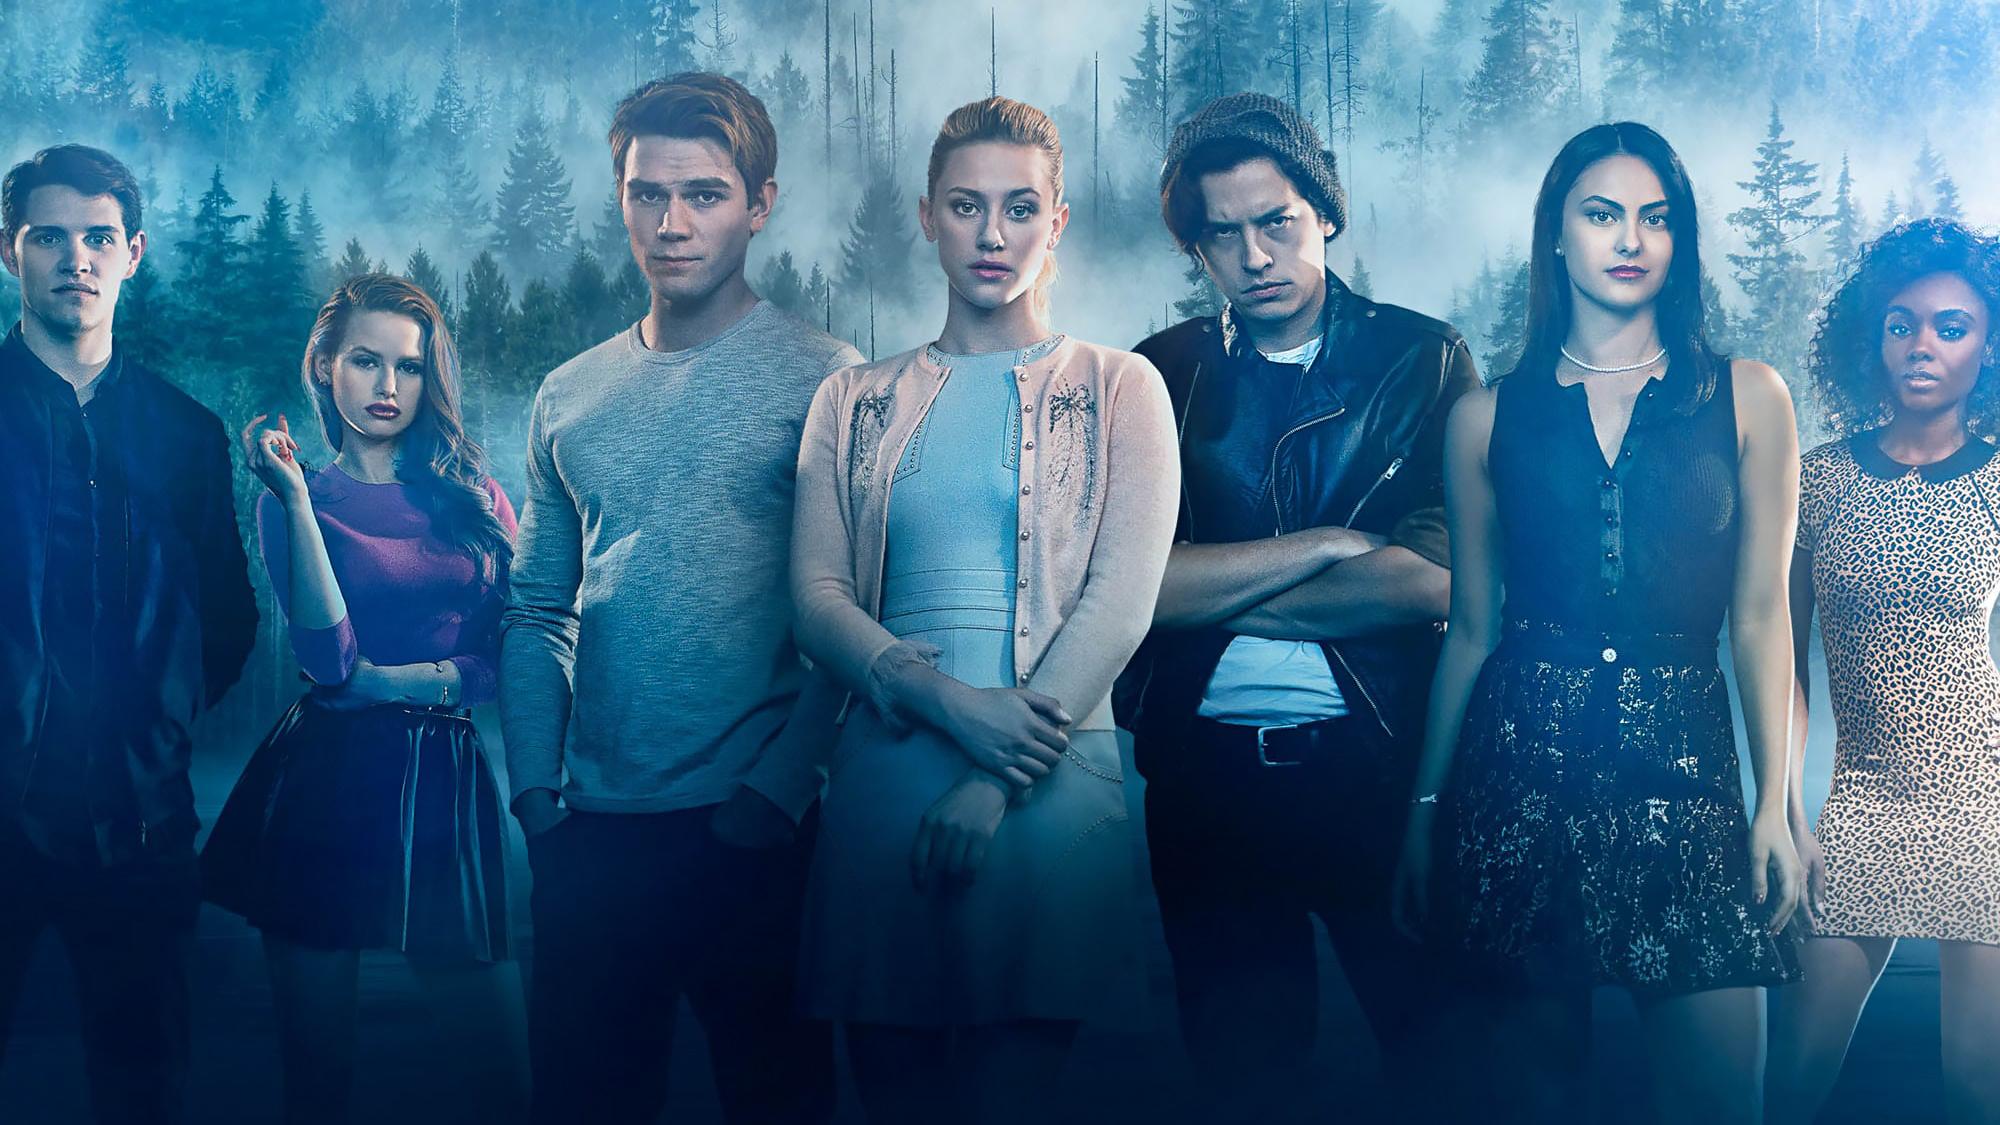 Fondos de pantalla Personajes de Riverdale en el bosque